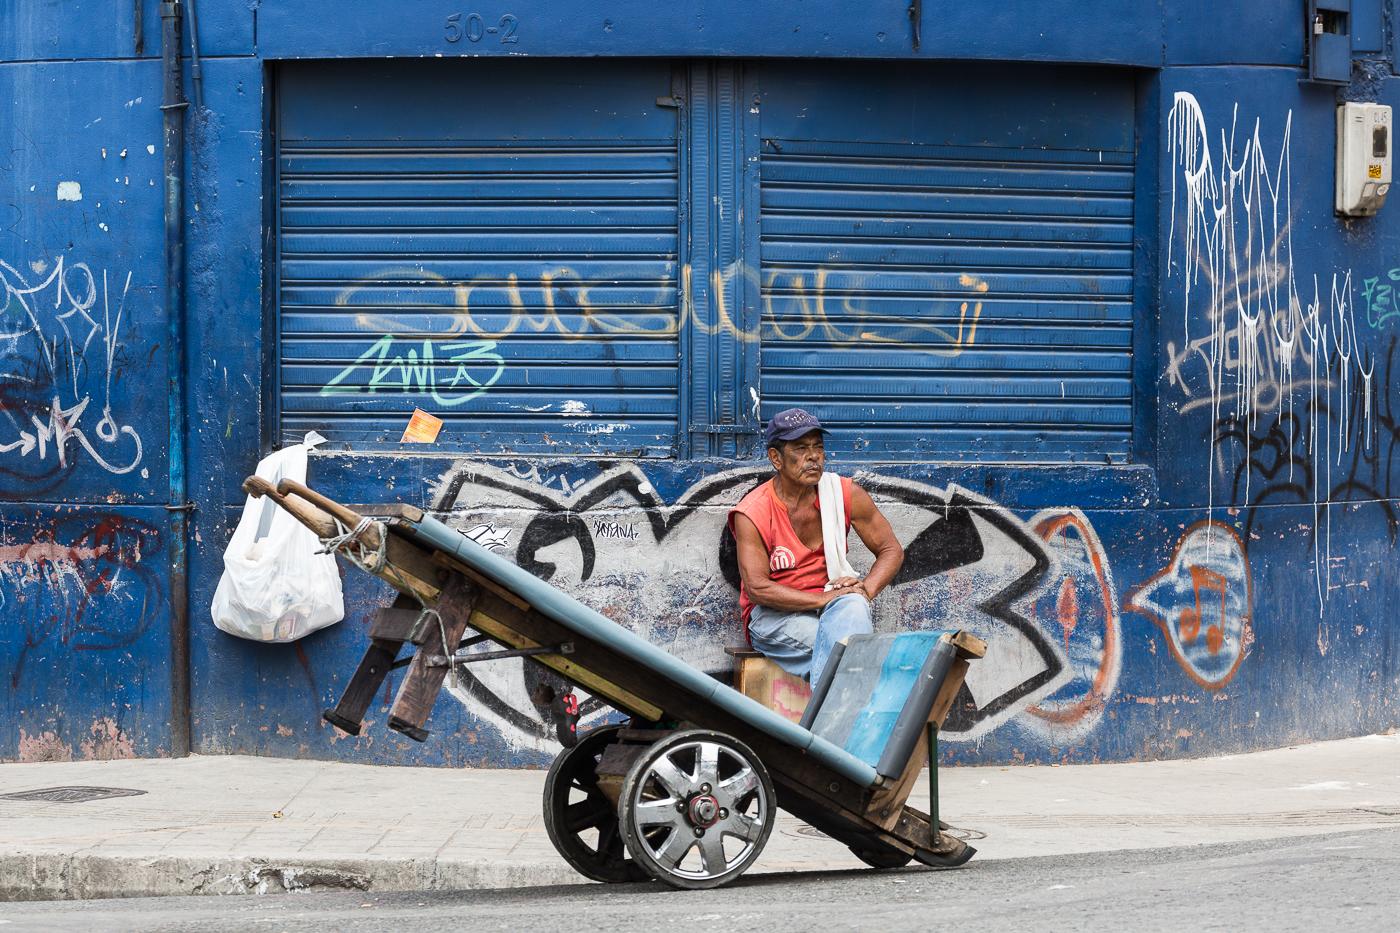 Street Scene in Medellin